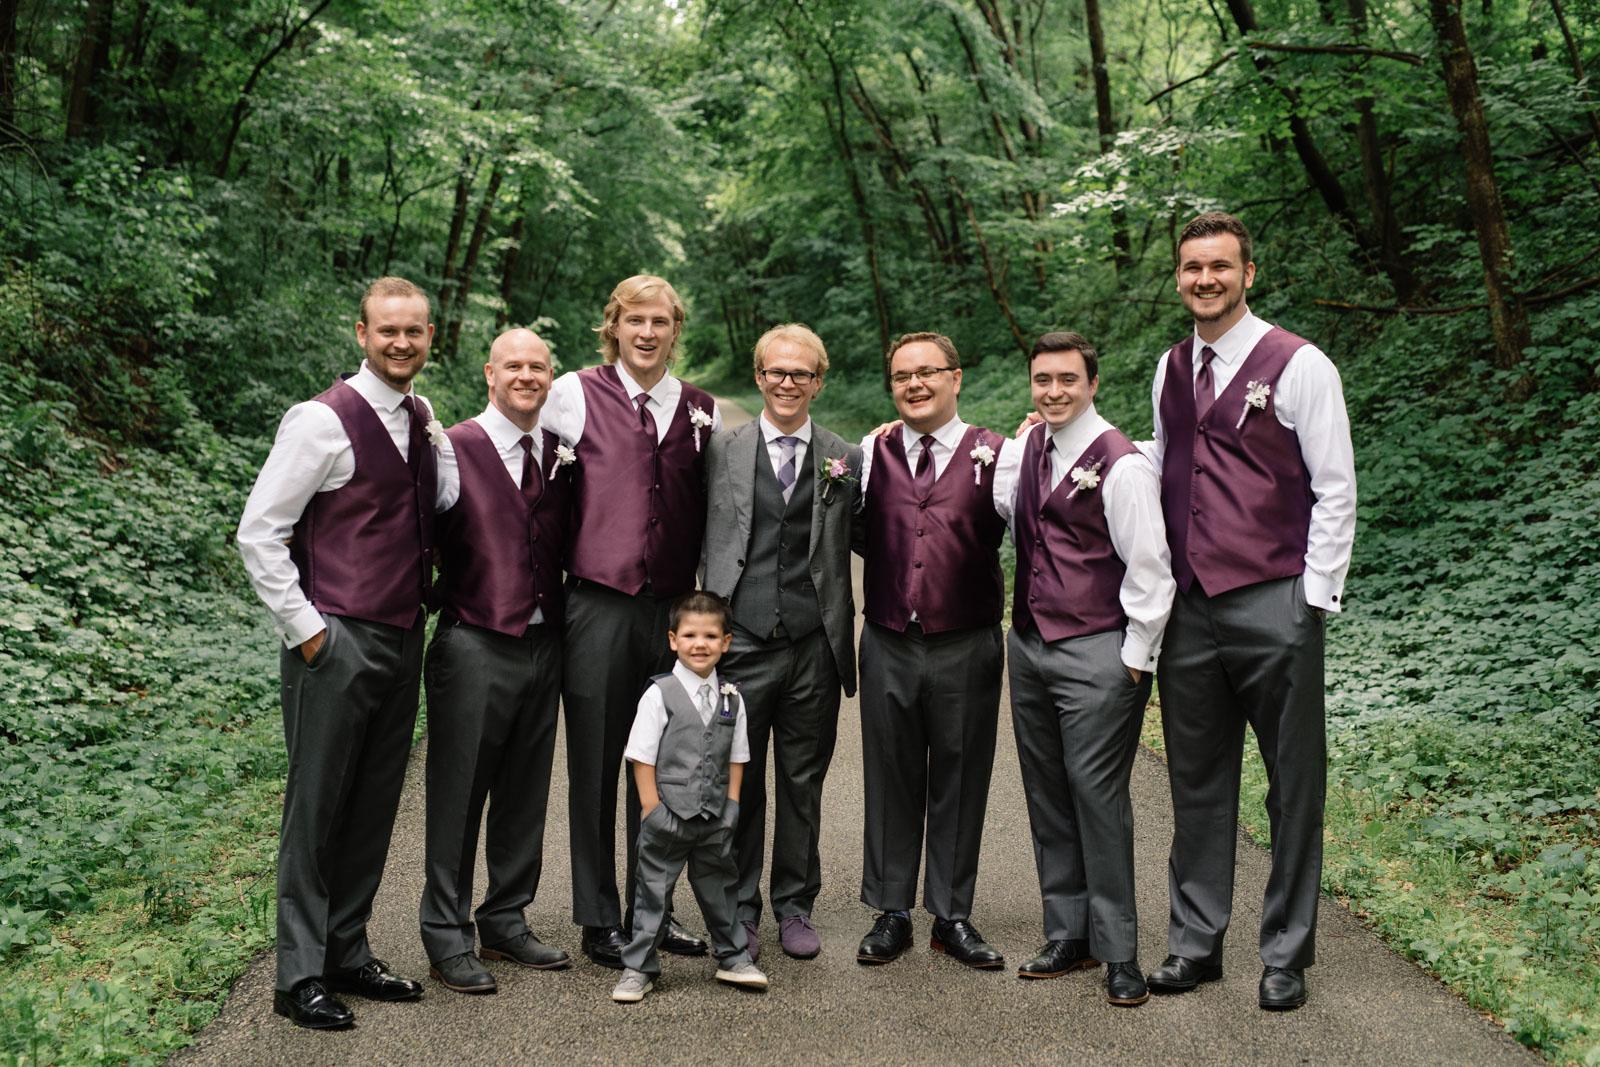 groom with groomsmen iowa june wedding